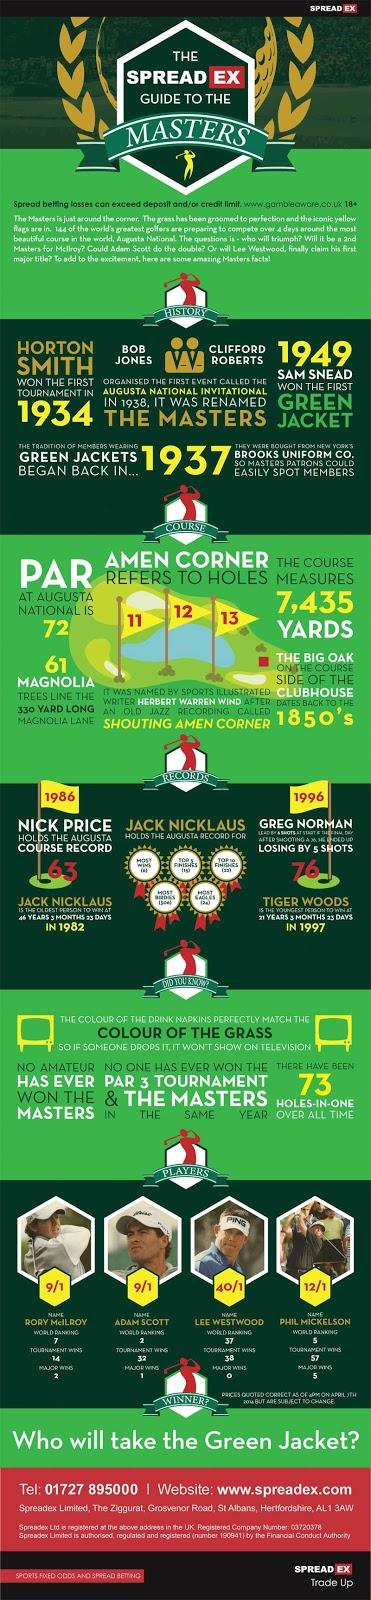 Spreadex Masters Infographic 2014